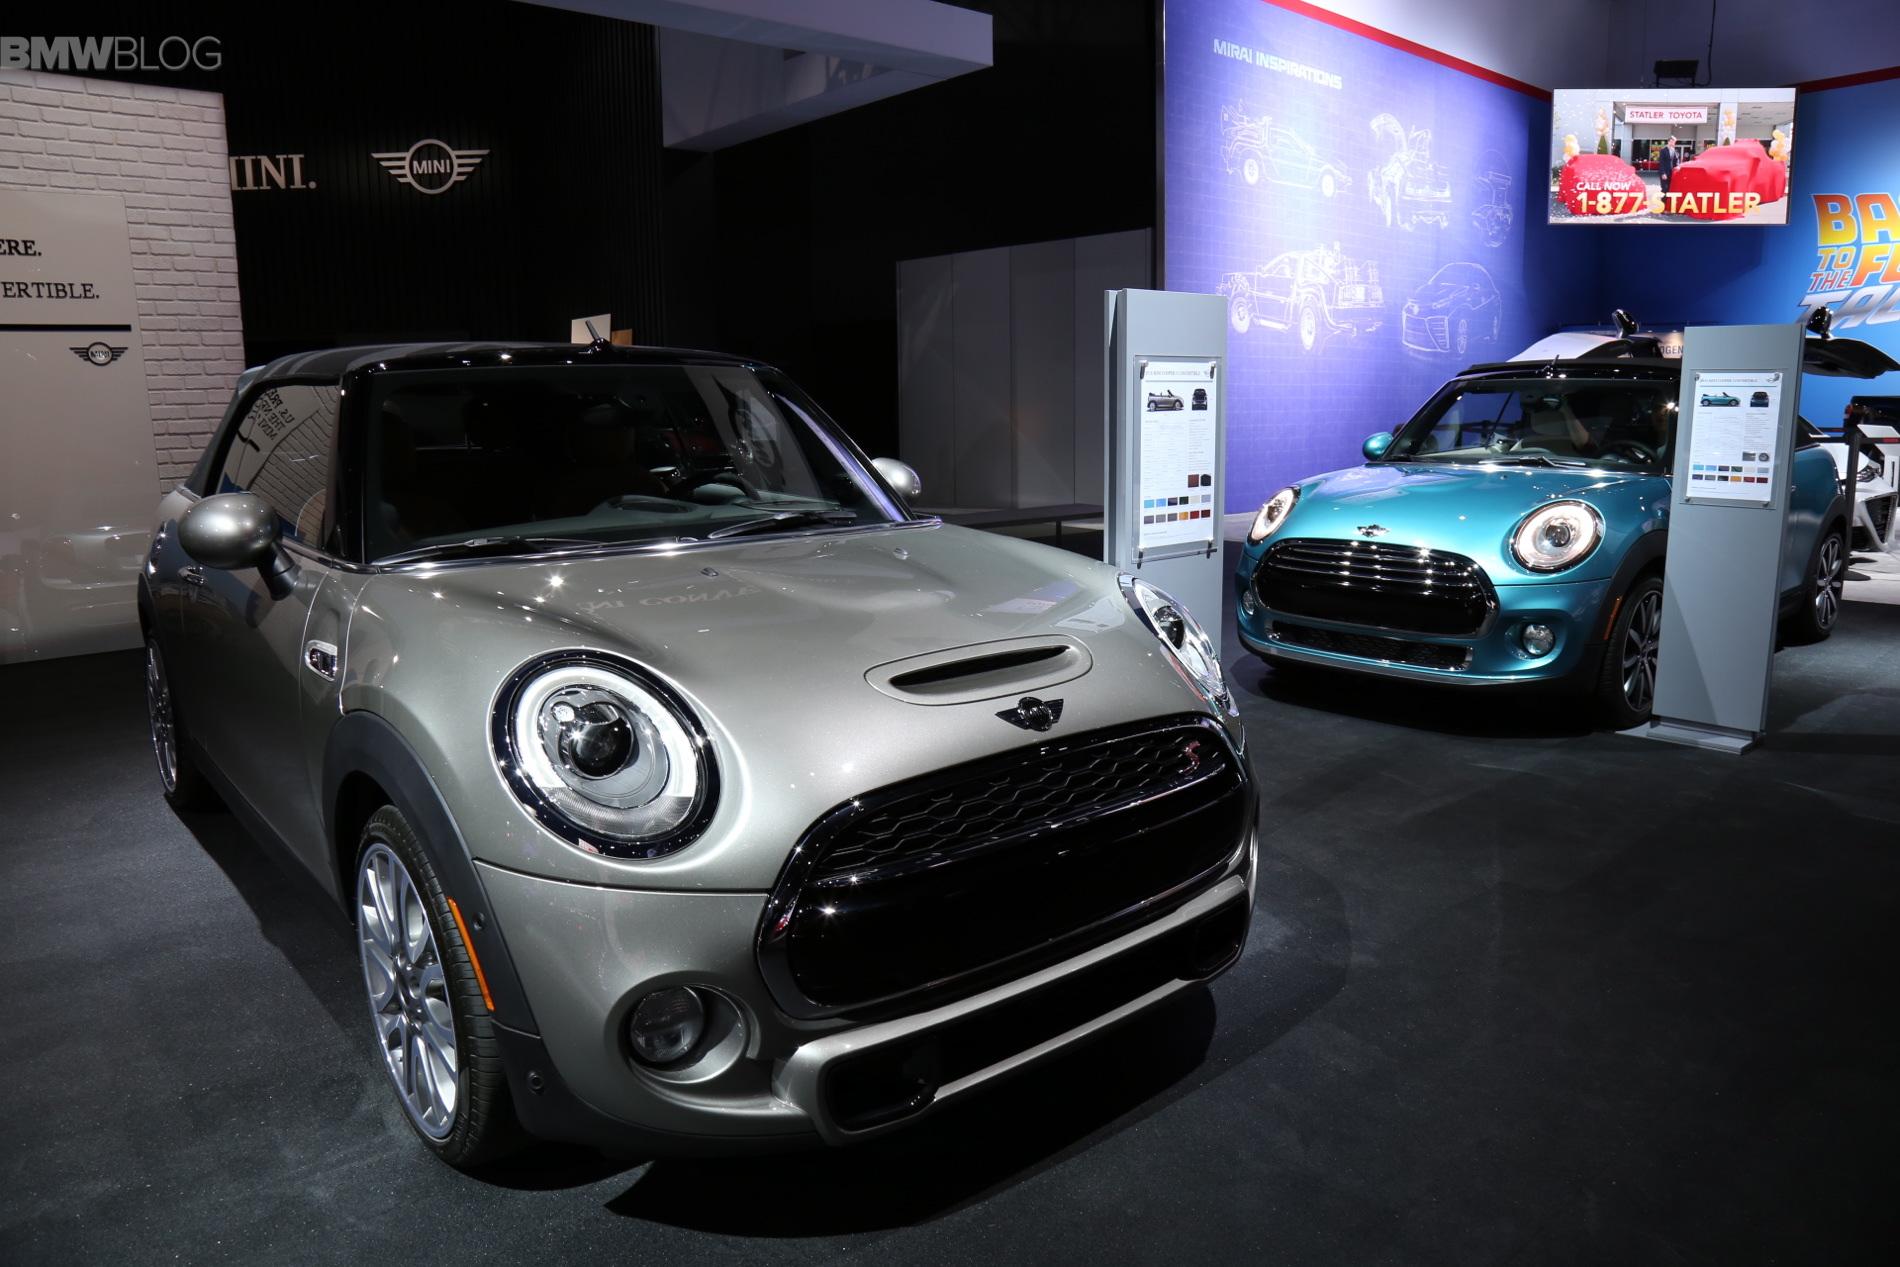 The New Mini Convertible Debuts At The 2015 La Auto Show